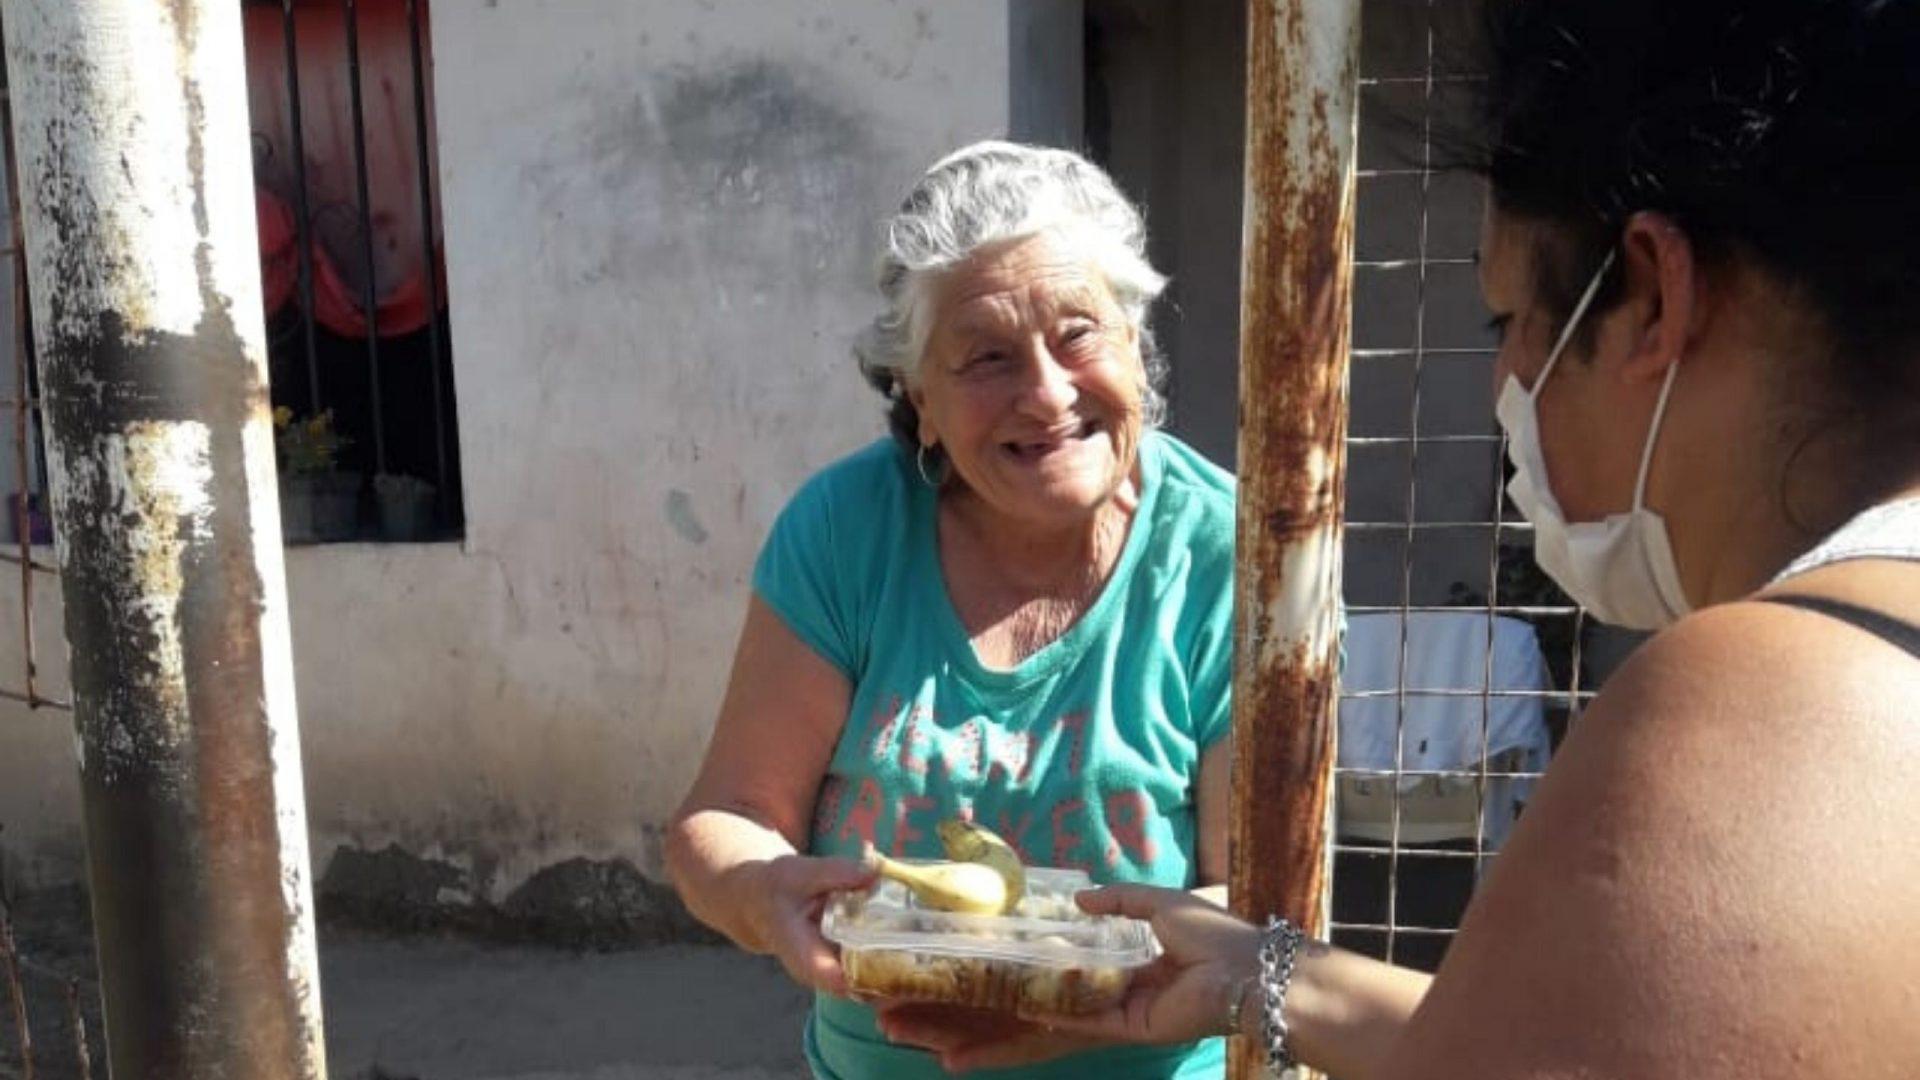 Academia Arguello & UBP, solidarios con los vecinos más necesitados de la zona